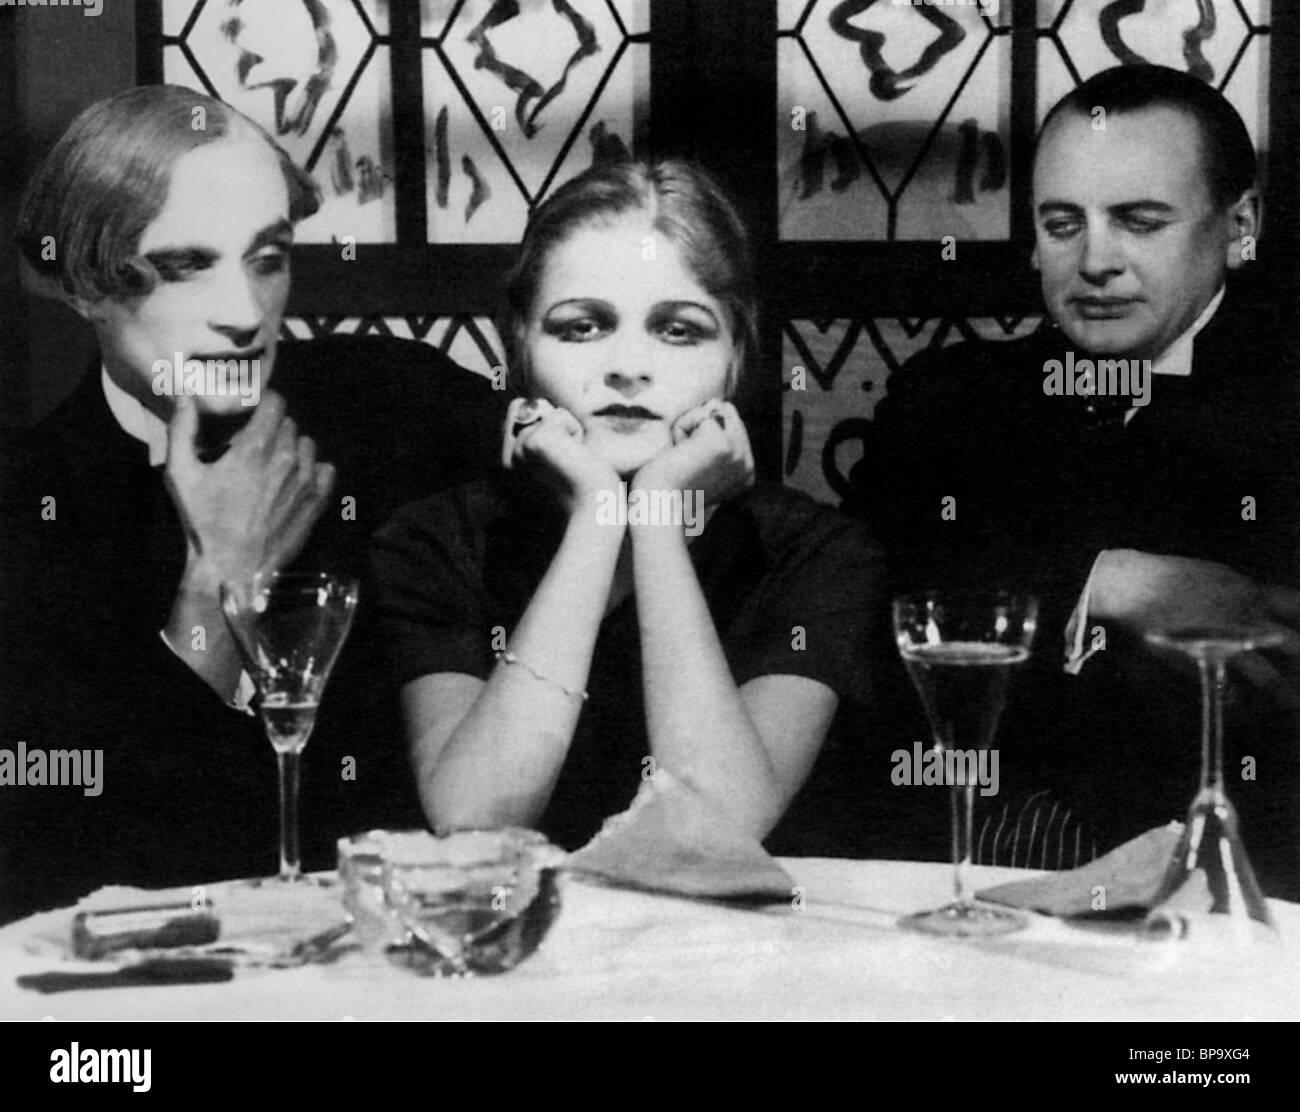 CONRAD VEIDT ANITA BERBER REINHOLD SCHUNZEL EERIE TALES (1919) - Stock Image